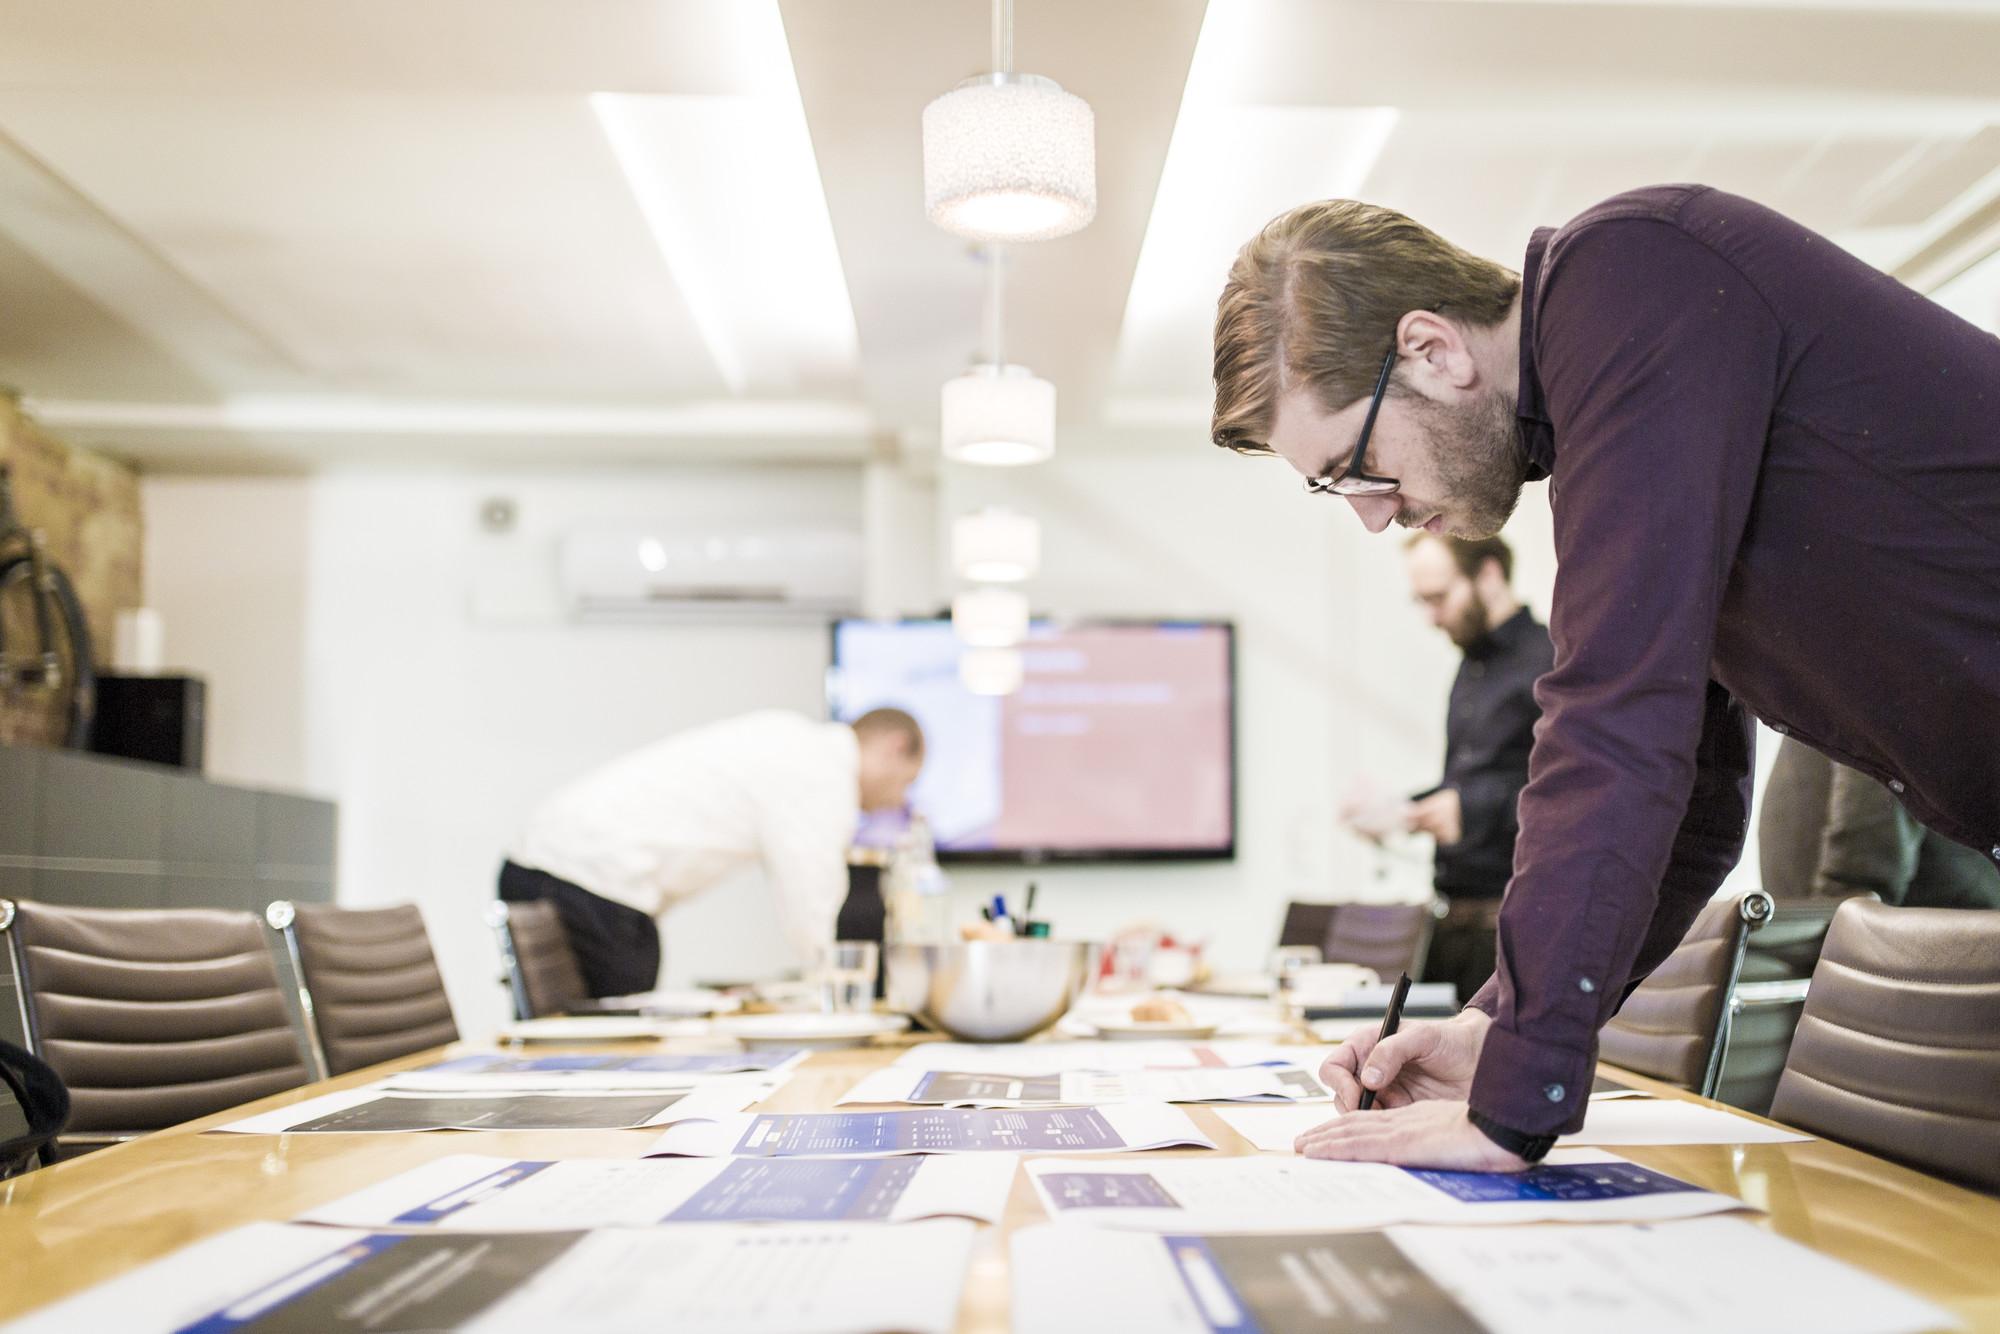 Während des Workshops wurden eine Menge neuer Ideen zu Papier gebracht.